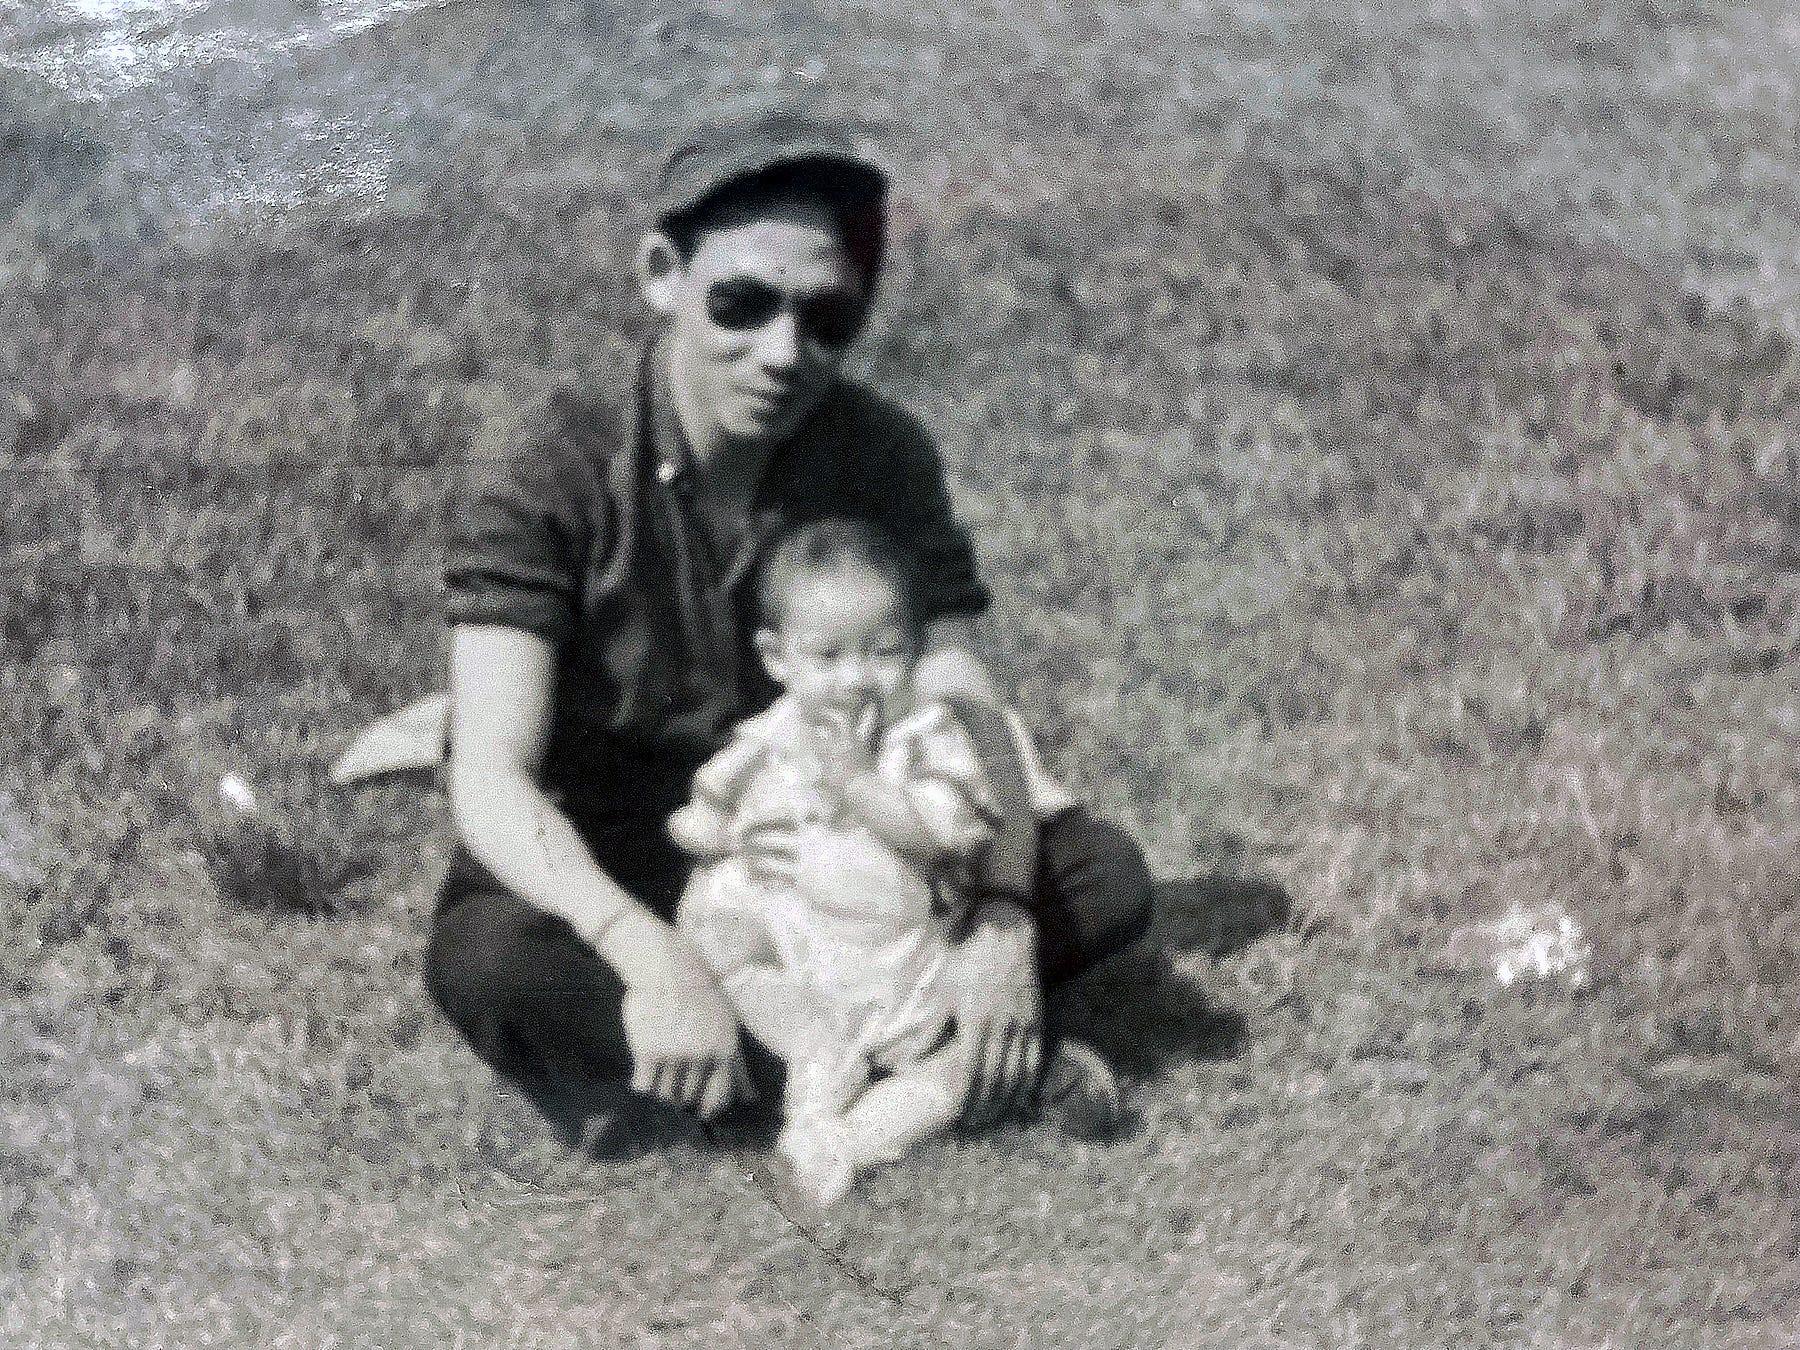 David Ng's father, Ng Chong Hing, with David as a baby.